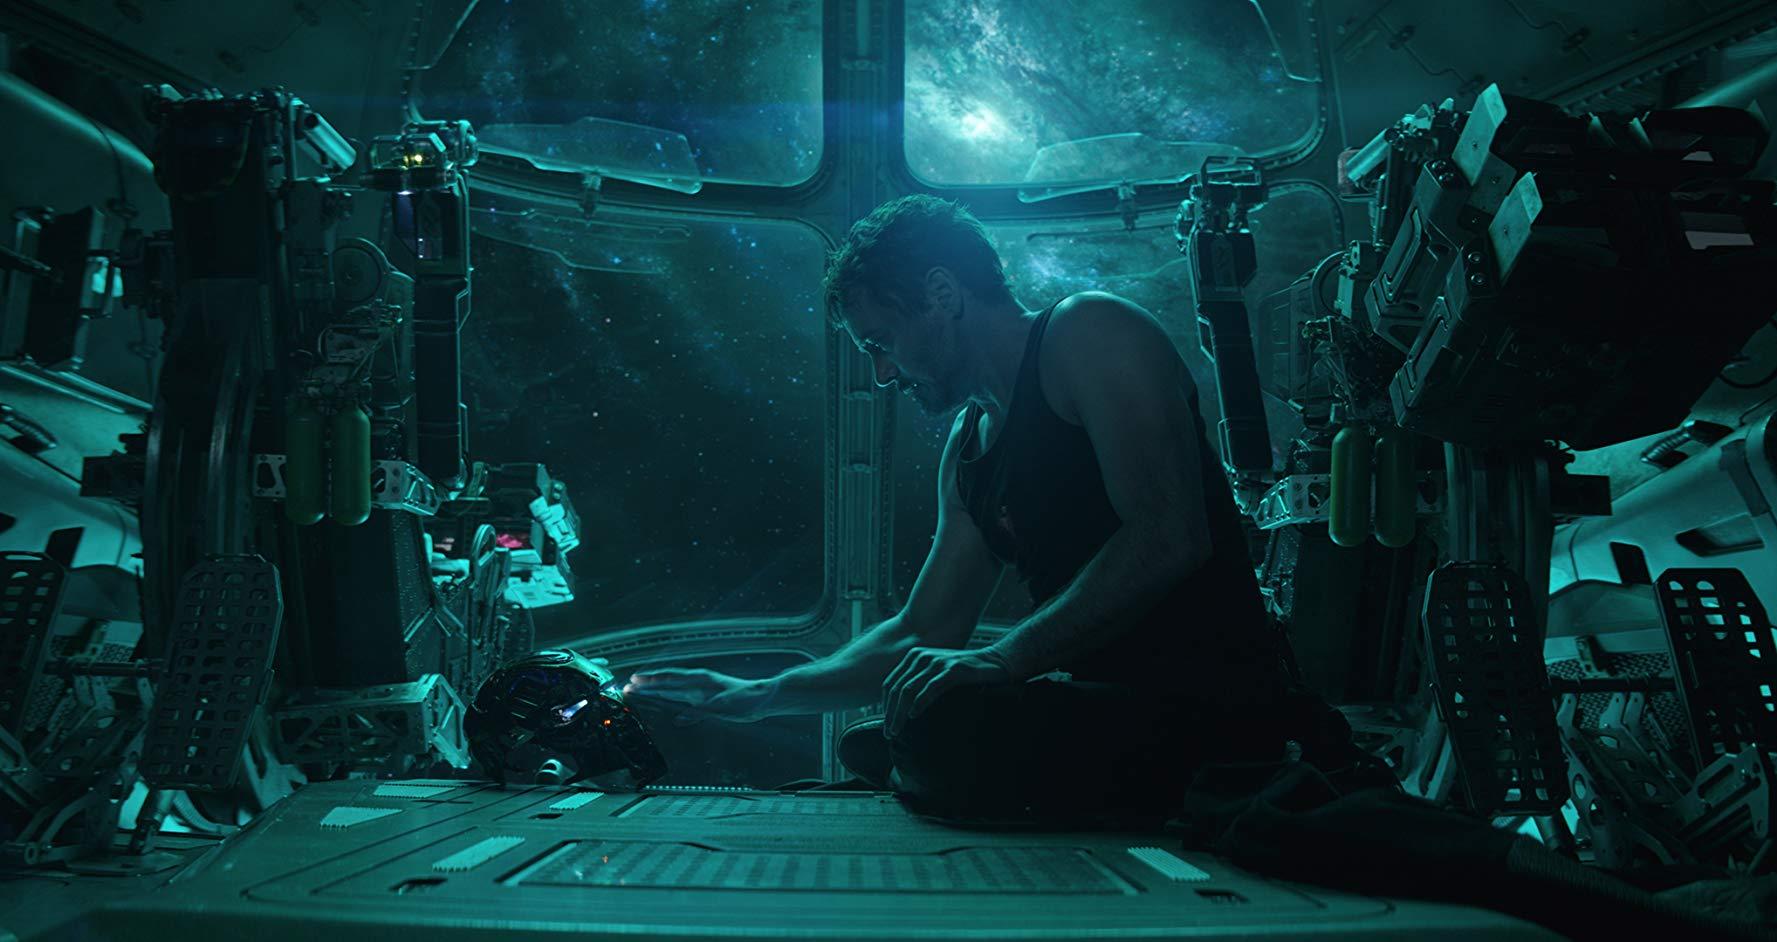 Avengers Image 3.jpg